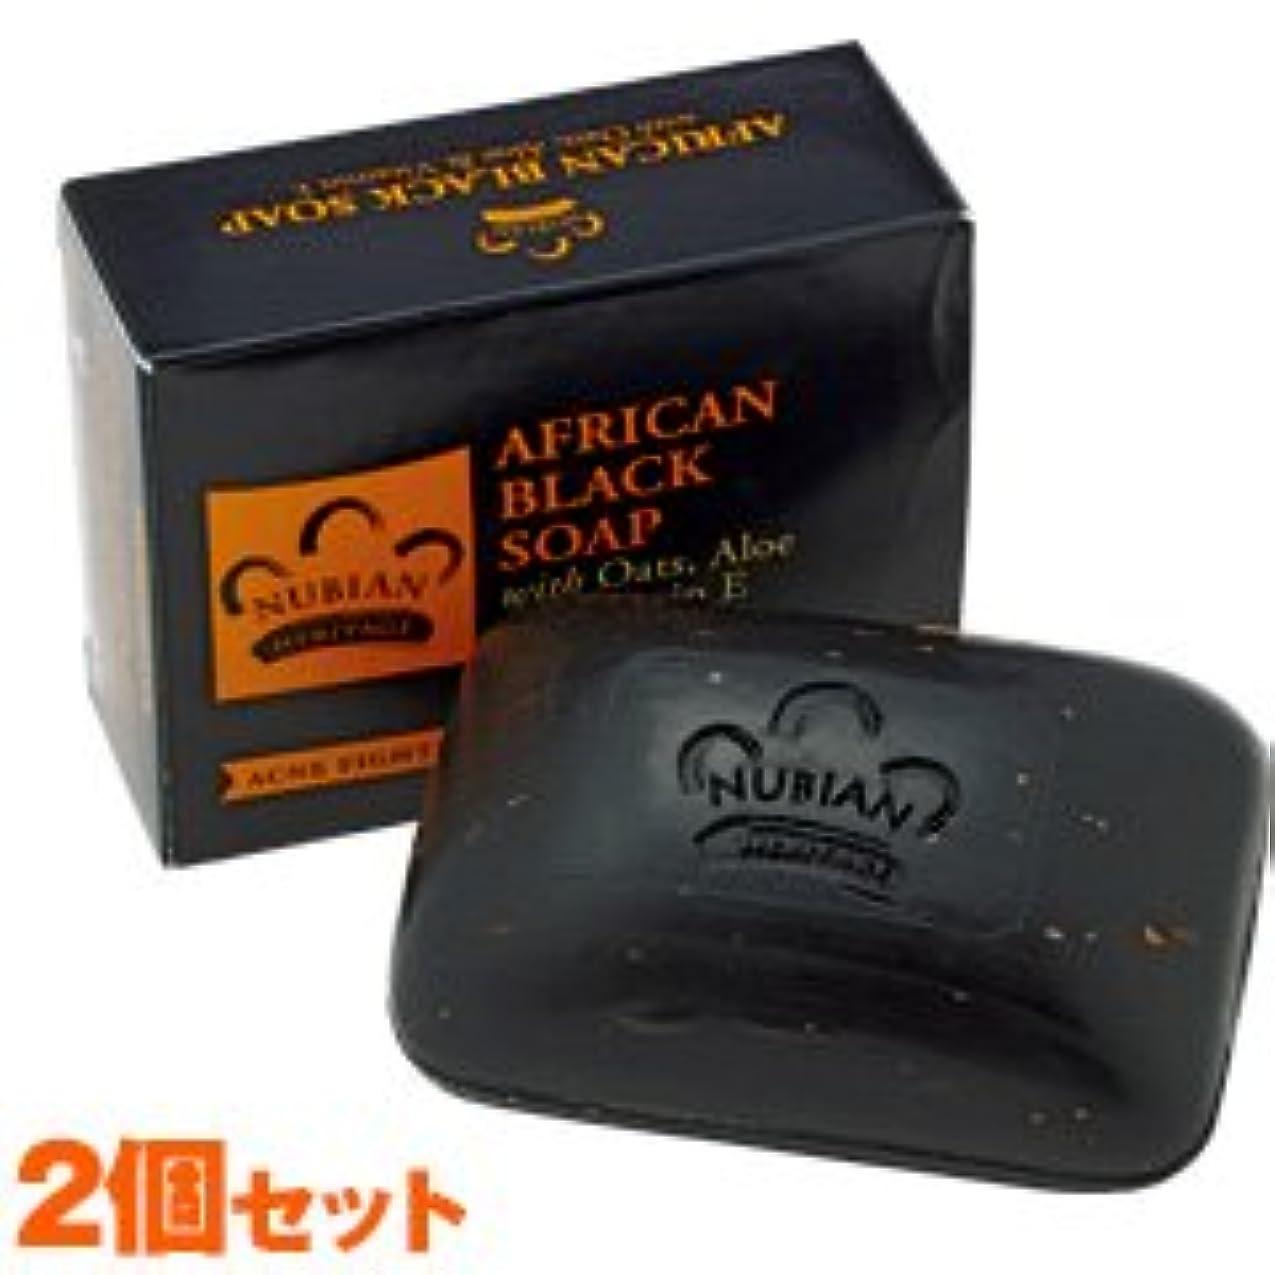 上にリテラシー締め切りヌビアン ヘリテージ(NUBIAN HERITAGE)アフリカン ブラック ソープバー 2個セット 141gX2[並行輸入品][海外直送品]